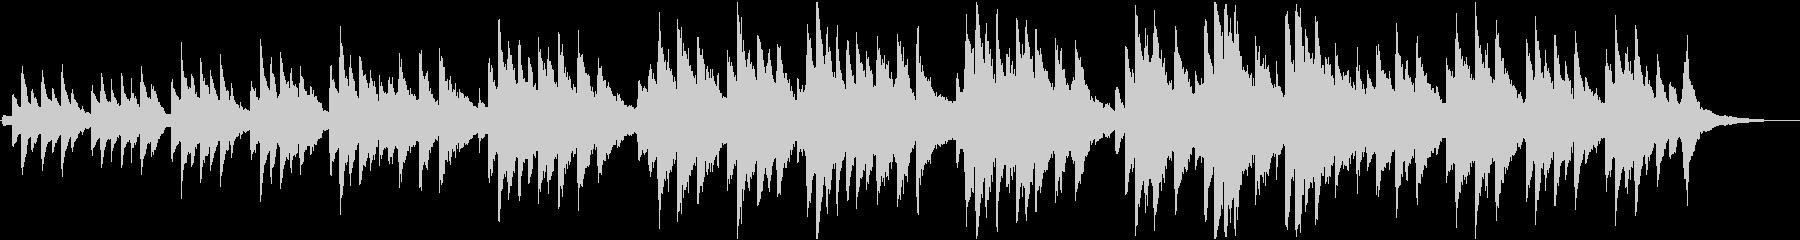 ロマンチック  入札 ピアノの未再生の波形